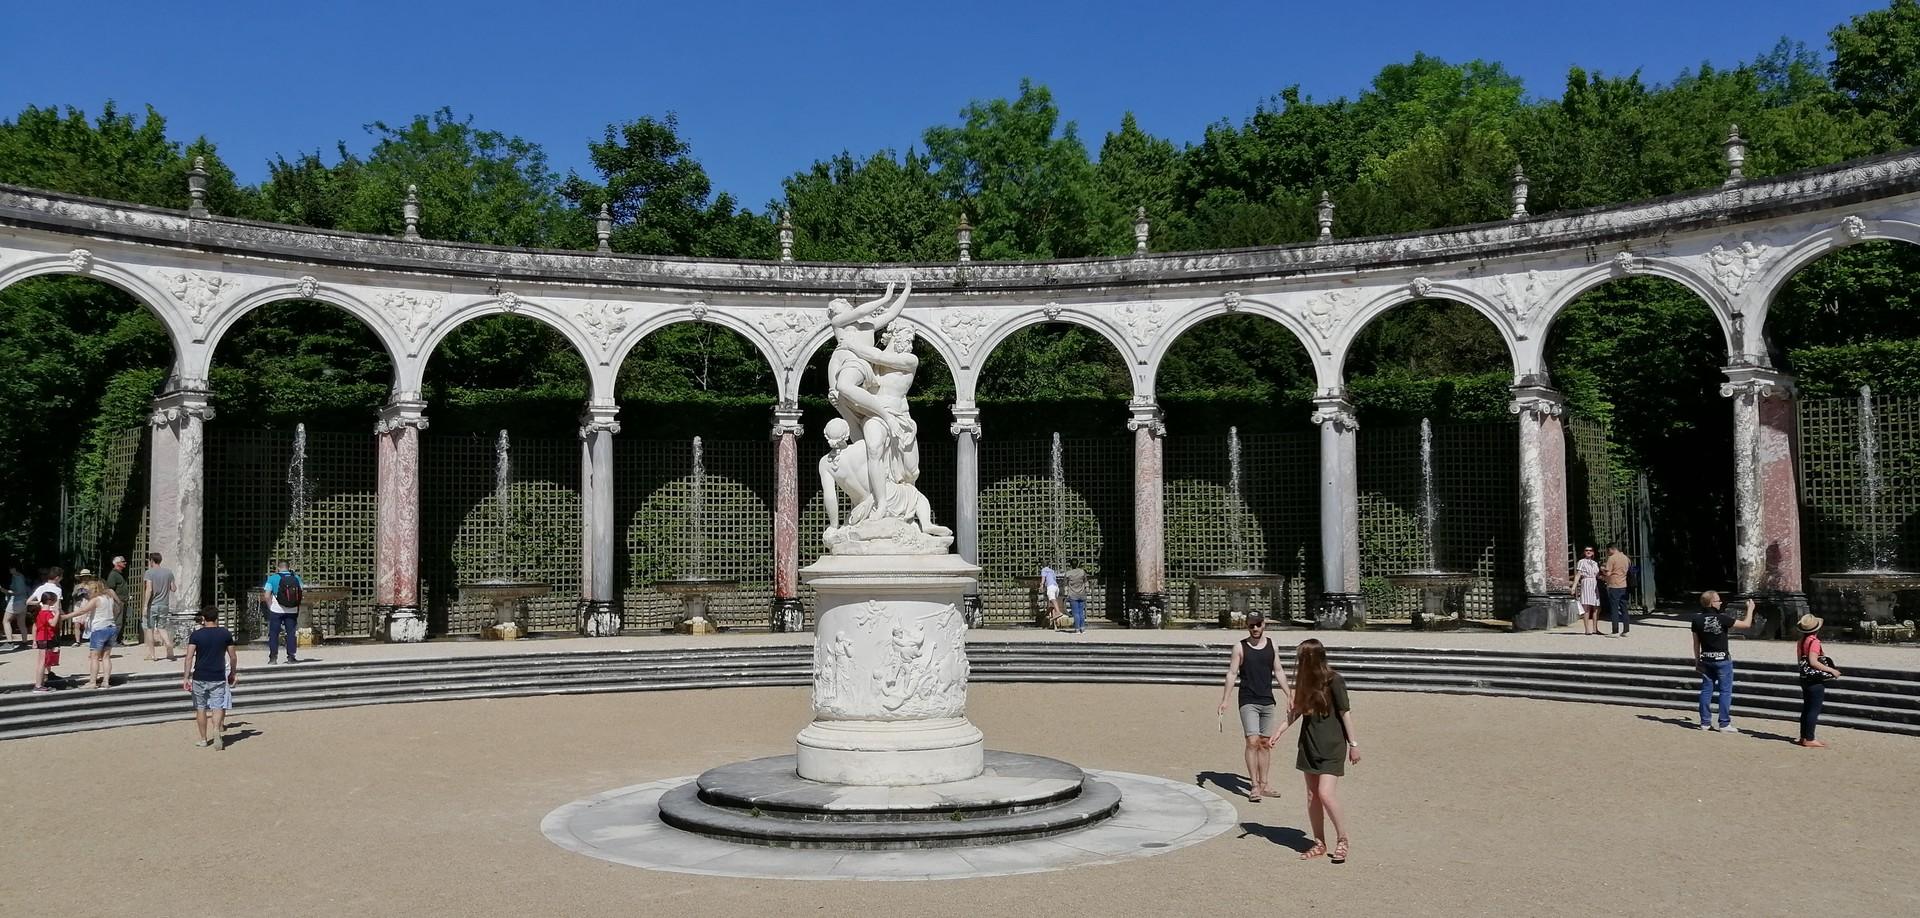 Visita a Parigi - secondo giorno (Versailles)